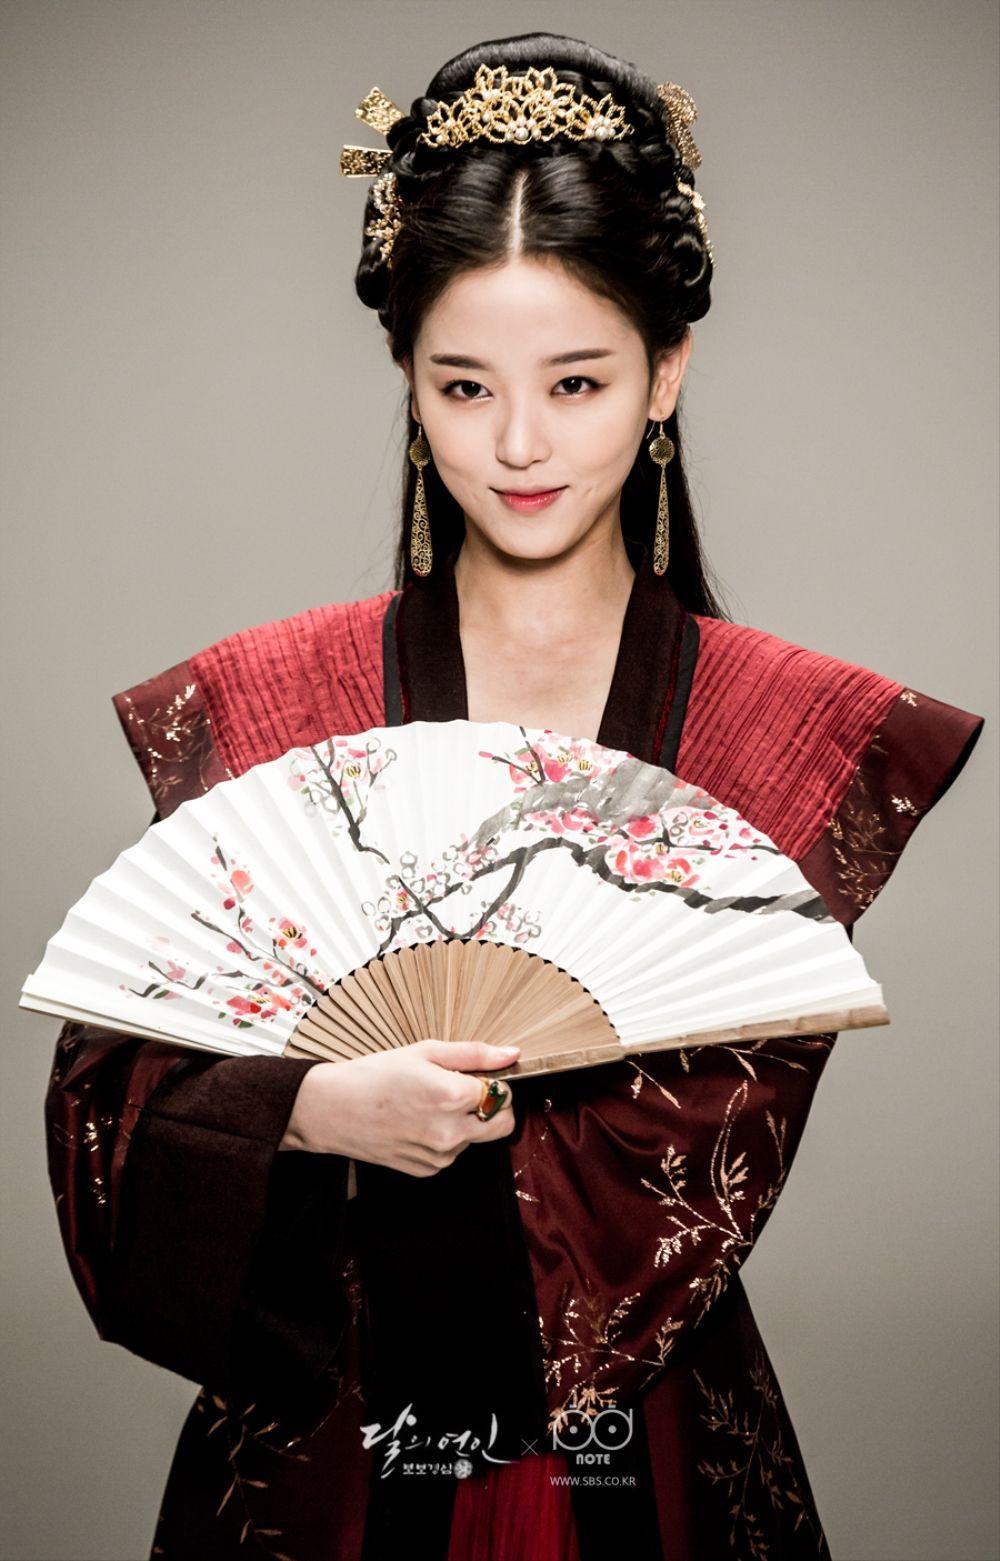 Nàng thơ của Vương Đại Lục: Cô gái vàng trong làng phủ nhận, sự nghiệp lận đận dù vô cùng tài năng! - Ảnh 7.